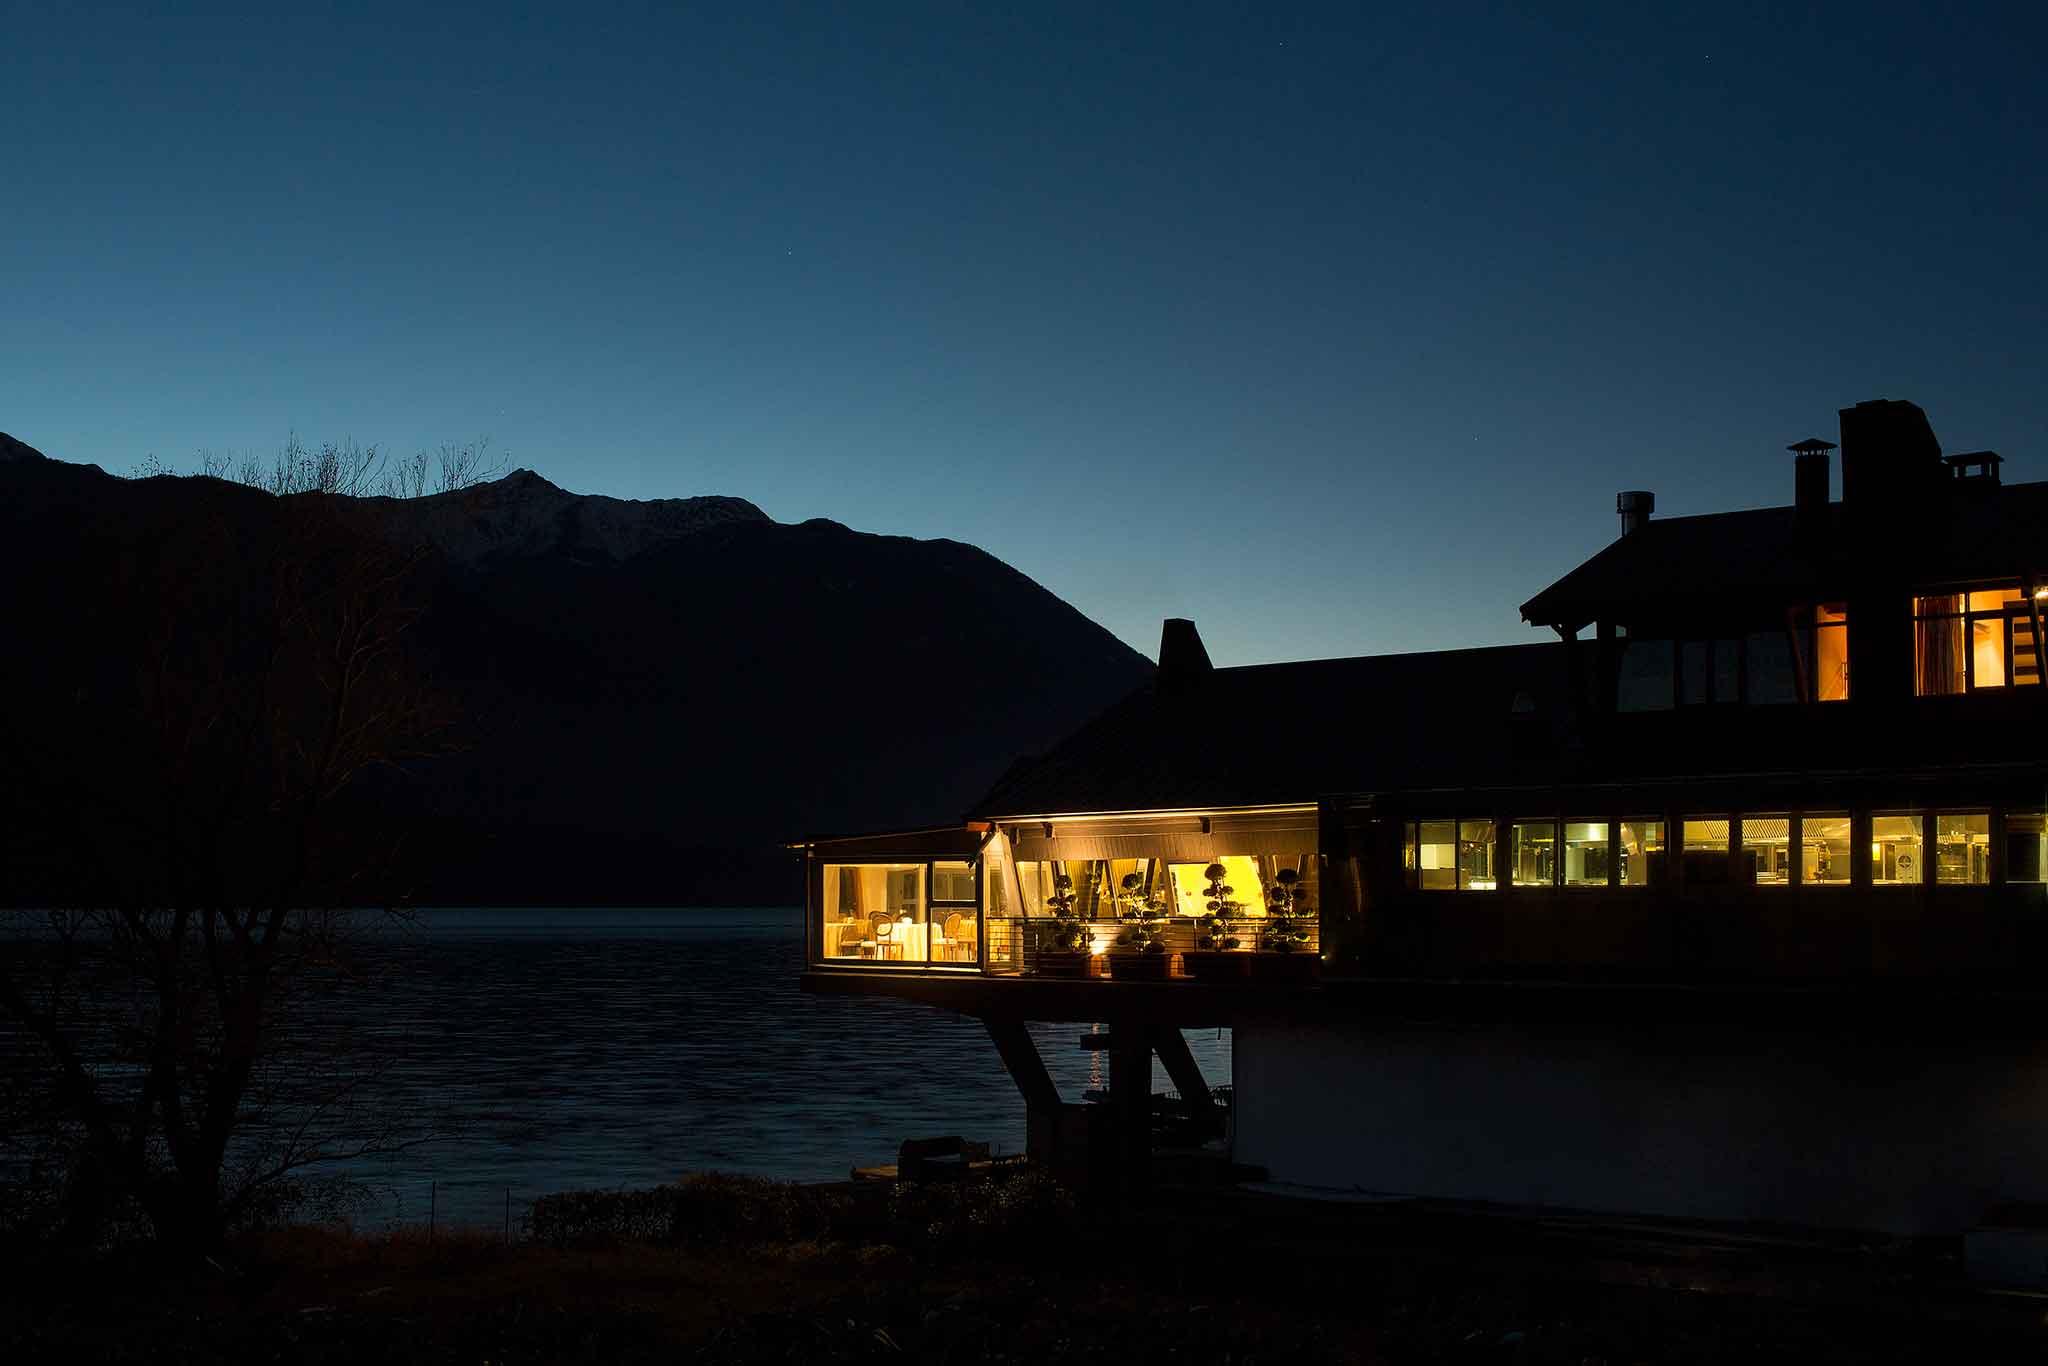 L 39 anima di marco sacco in sei nuovi piatti al piccolo lago for Piani cottage piccolo lago